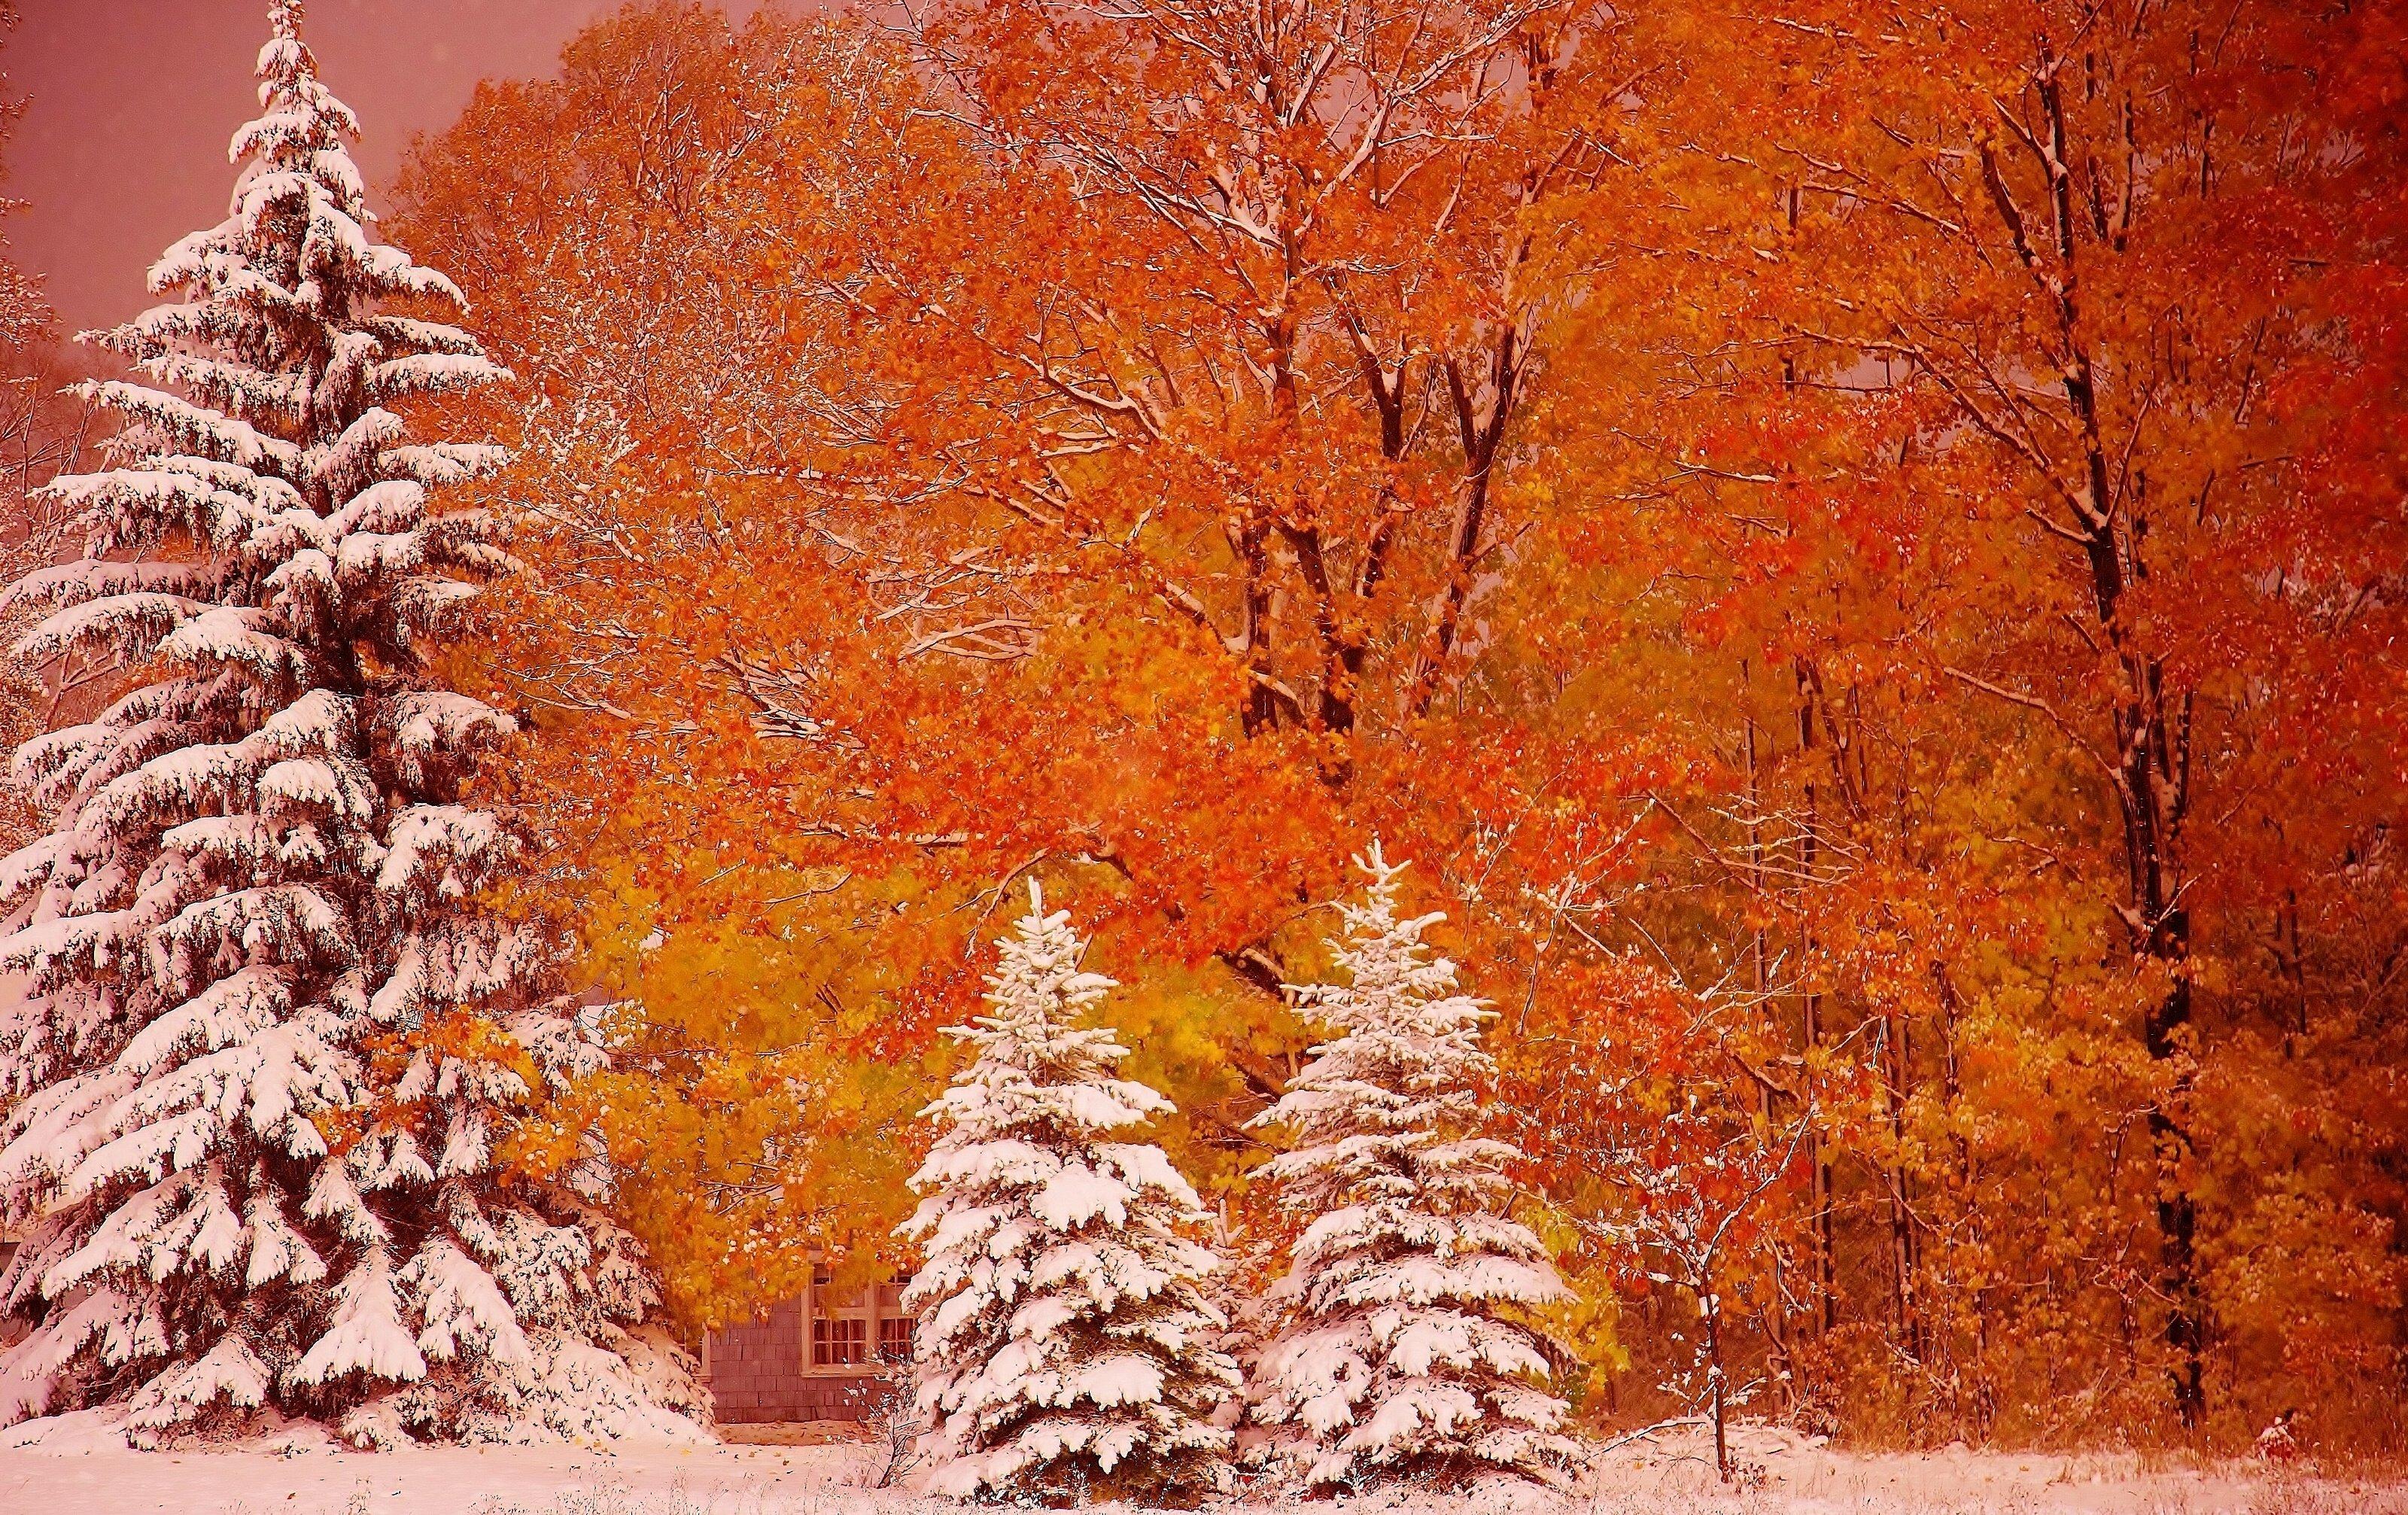 осень первый снег обои рабочего стола № 637031  скачать